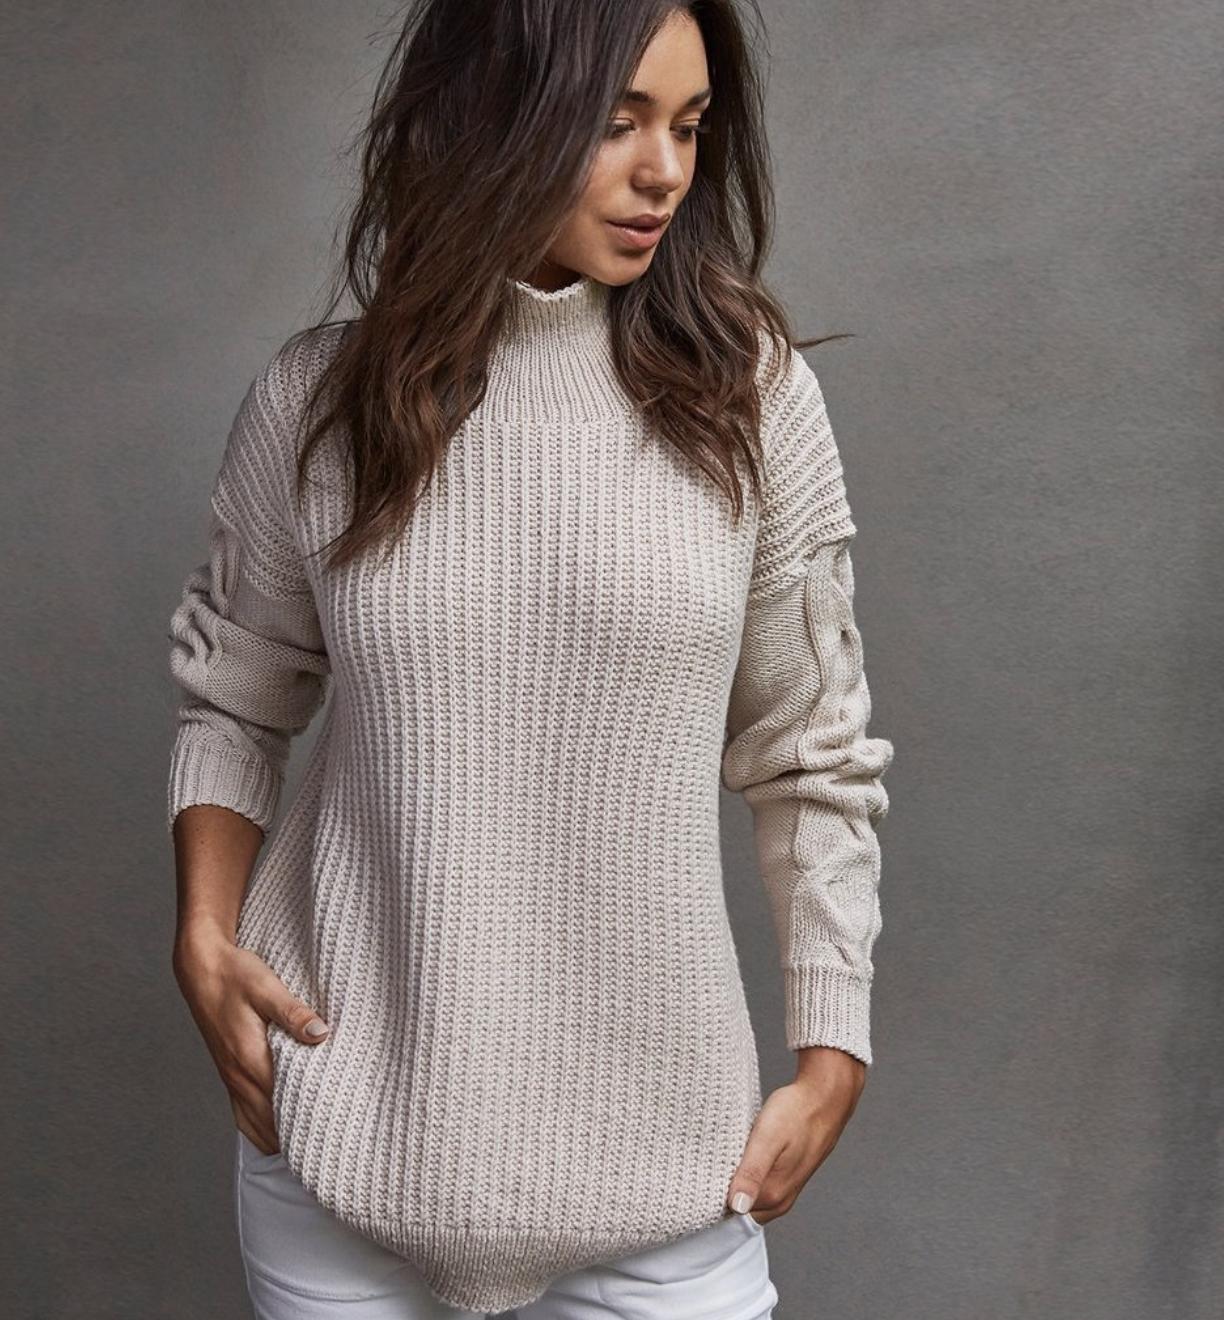 Bellissimo - POE 630 - Sweater Pattern